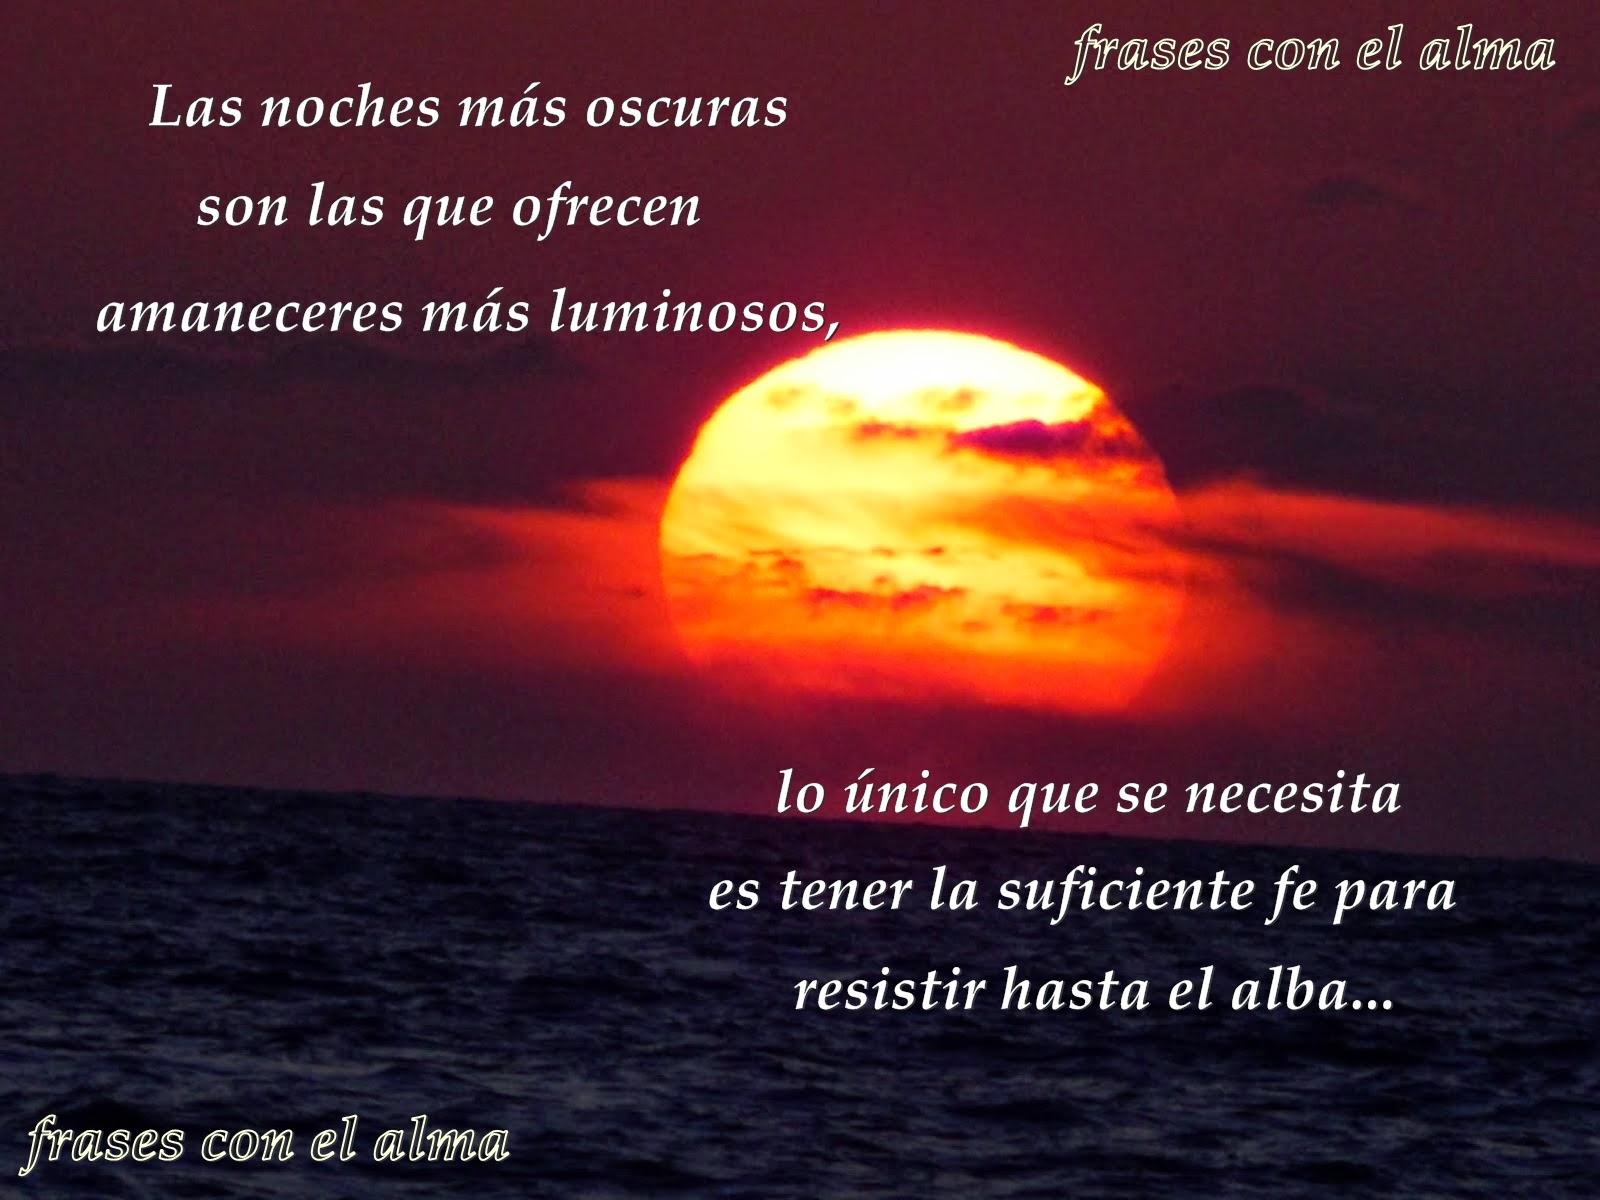 Frases Con El Alma Las Noches Mas Oscuras Son Las Que Ofrecen